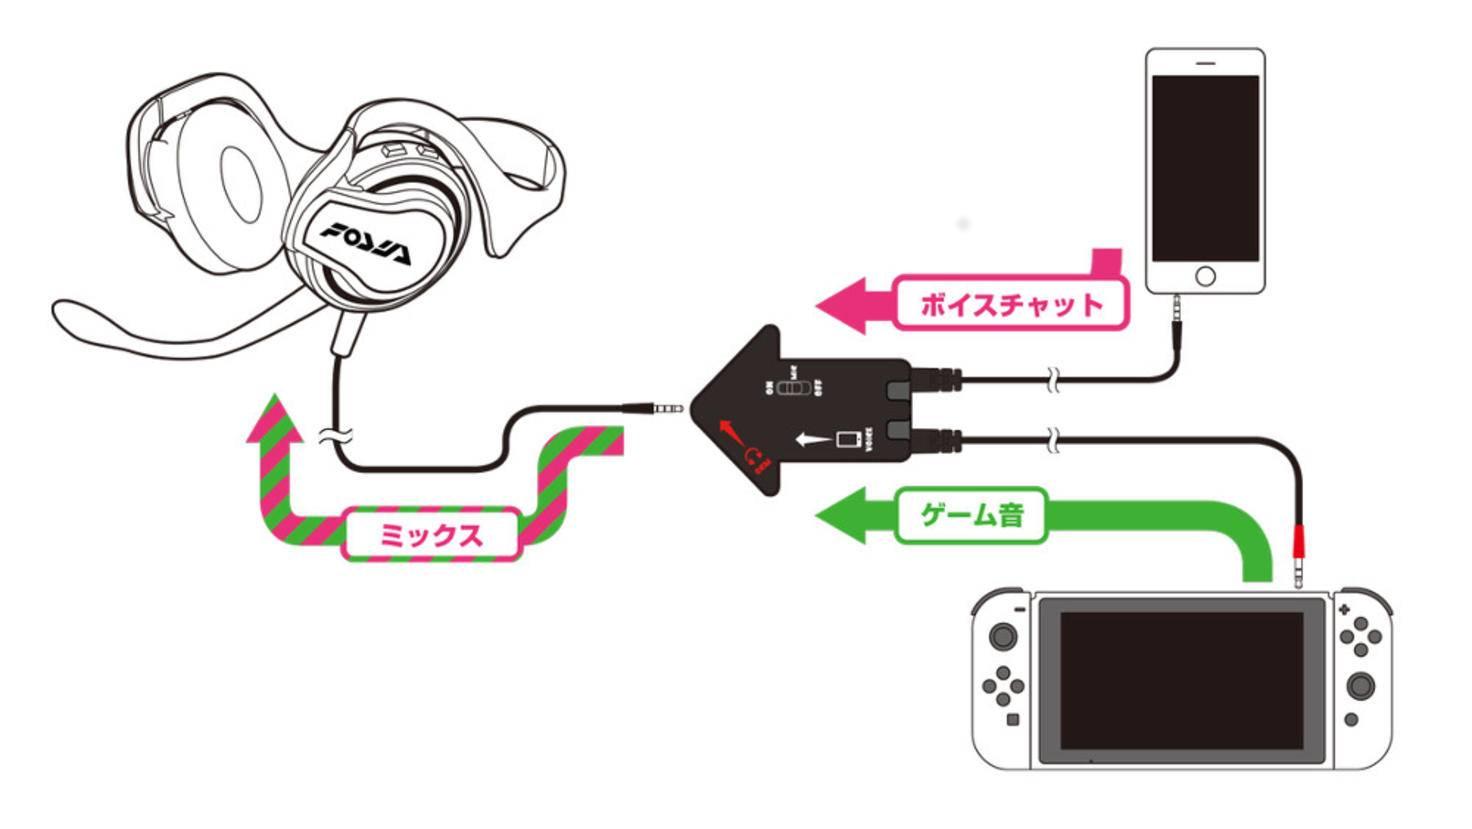 Mit einem Adapter lassen sich Smartphone, Nintendo Switch und ein Headset verbinden, sodass Voice-Chat und Spielsound aus demselben Kopfhörer kommen.